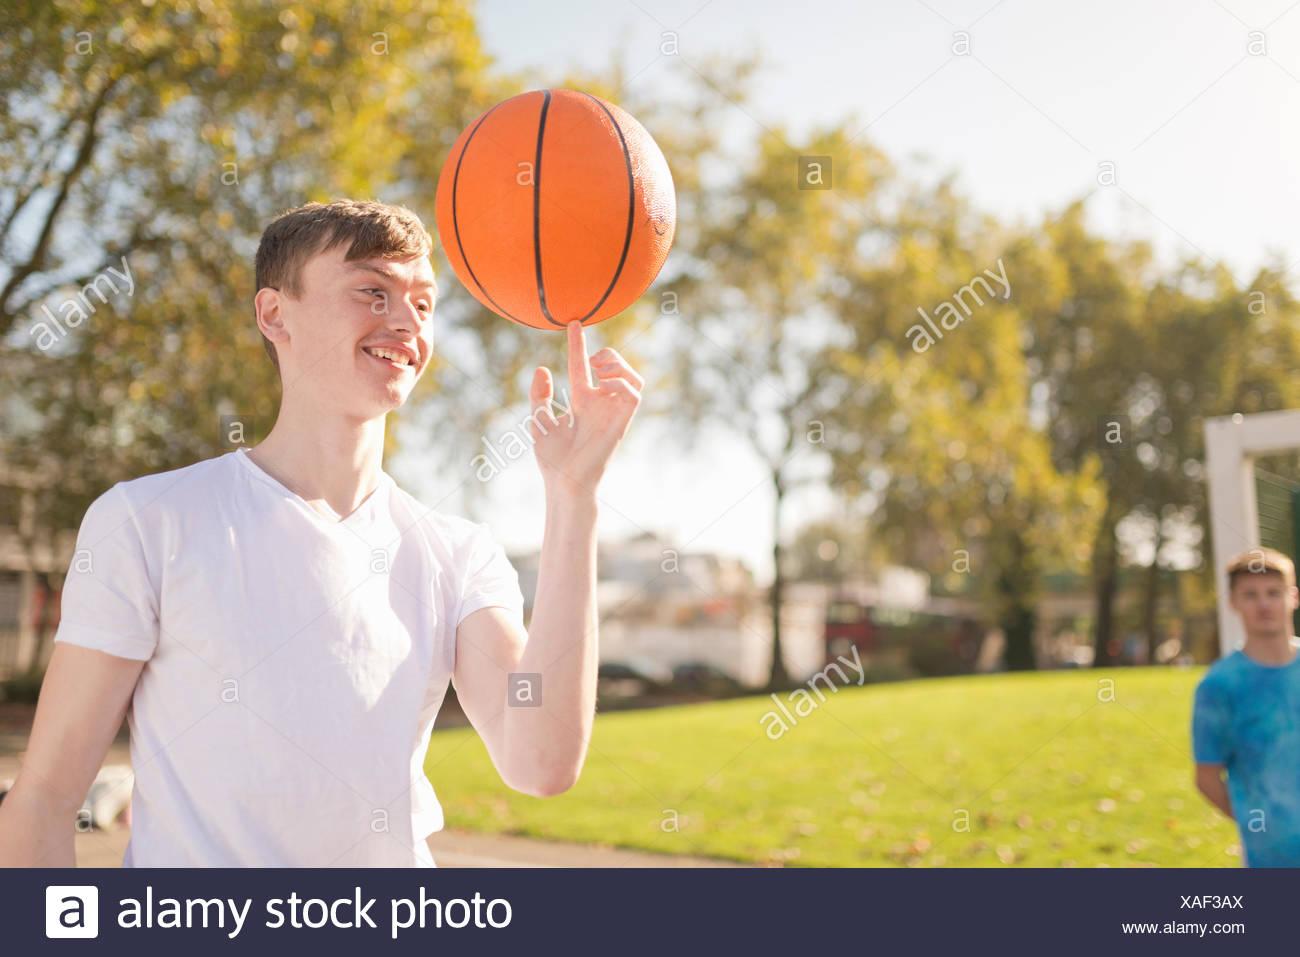 Jeune joueur de basket-ball masculin basket-ball d'équilibrage sur le doigt Photo Stock